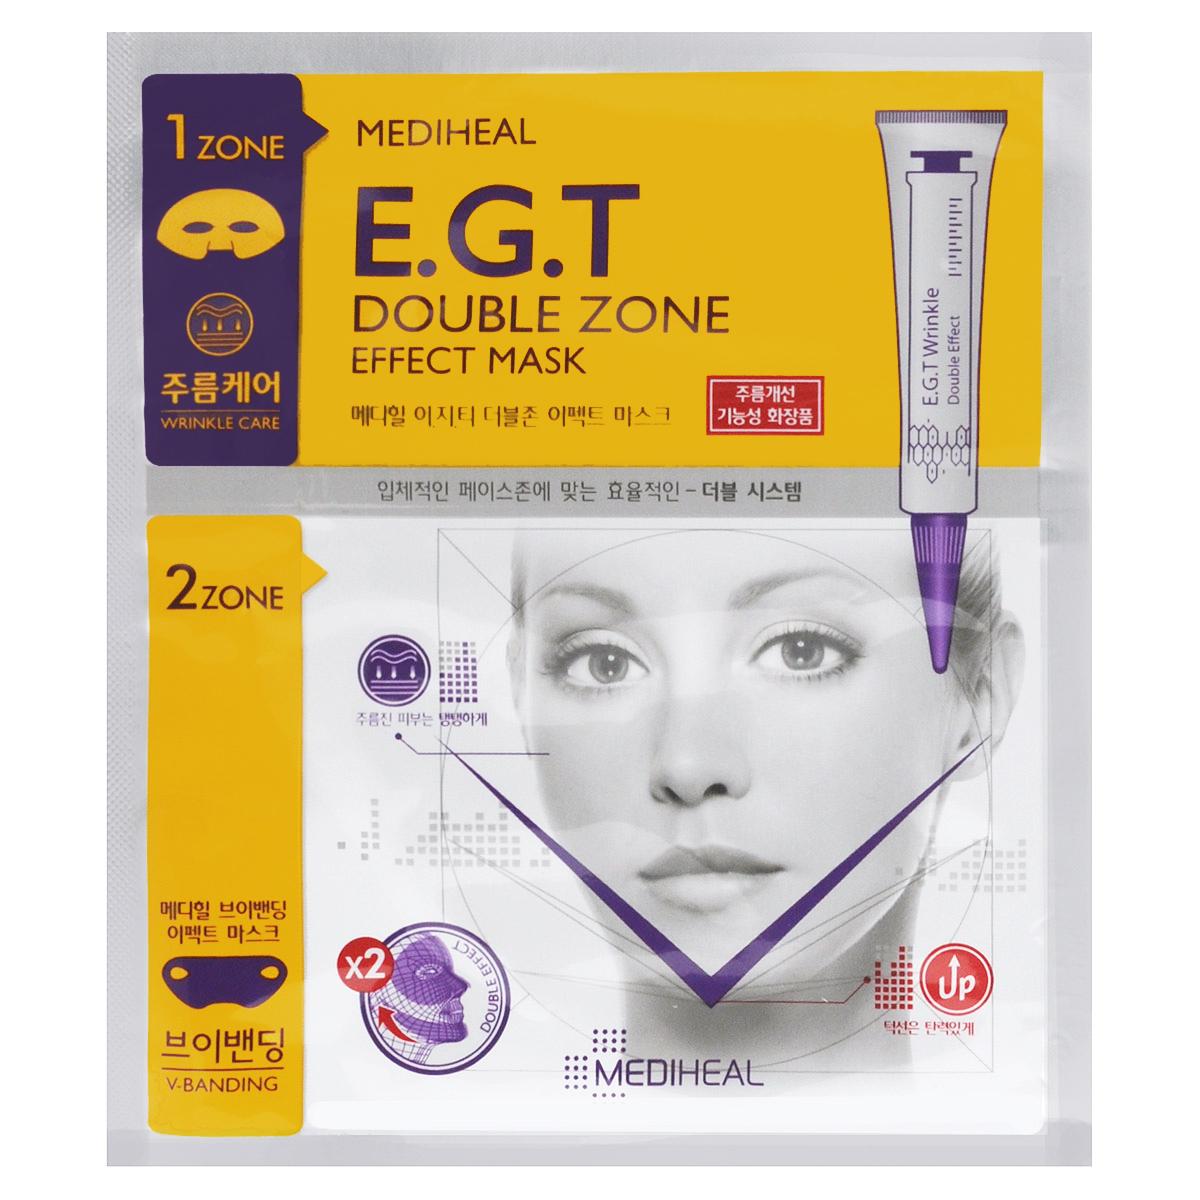 Beauty Clinic Маска для лица EGF, с лифтинг-эффектом, двухзональная555548Маска ухаживает сразу за двумя зонами кожи лица: разглаживает морщины в верхней части лица, замедляет процесс старения и подтягивает V-зону, делая ее более упругой и эластичной. Маска решает 2 задачи: 1. Лифтинг верхней части лица, в том числе зоны вокруг глаз. Маска разглаживает морщины, возвращает упругость и эластичность коже, увлажняет. Верхняя часть маски на основе целлюлозы плотно прилегает к коже, обеспечивая глубокое проникновение питательных веществ. Кожа выглядит подтянутой, молодой и здоровой.Эссенция, которой пропитана маска, содержит такие эффективные компоненты как EGF, гидролизованный коллаген, астаксантин, аскорбилфосфат натрия (витамин С).EGF (Epidermis Growth Faсtor) - фактор роста эпидермиса, регенерации клеток. EGF замедляет процесс старения кожи; способствует обновлению клеток эпидермиса, сохраняя молодость кожи; защищает кожу от повреждений и раздражений; улучшает цвет лица. Астаксантин – мощный антиоксидант.Экстракт центеллы азиатской стимулирует синтез коллагена, заживляет мелкие ранки и трещины, улучшает состояние и цвет кожи.2. Восстановление V-зоны, лифтинг–эффект. Нижняя часть маски (гелевая) предназначена для повышения упругости кожи в области подбородка. Содержит гидролизованный коллаген, аденозин и другие компоненты, которые придают коже упругость и эластичность. Специальная запатентованная форма маски, которая крепится за уши, подтягивает кожу и корректирует линию подбородка.Продукт прошел дерматологическое тестирование. Товар сертифицирован.